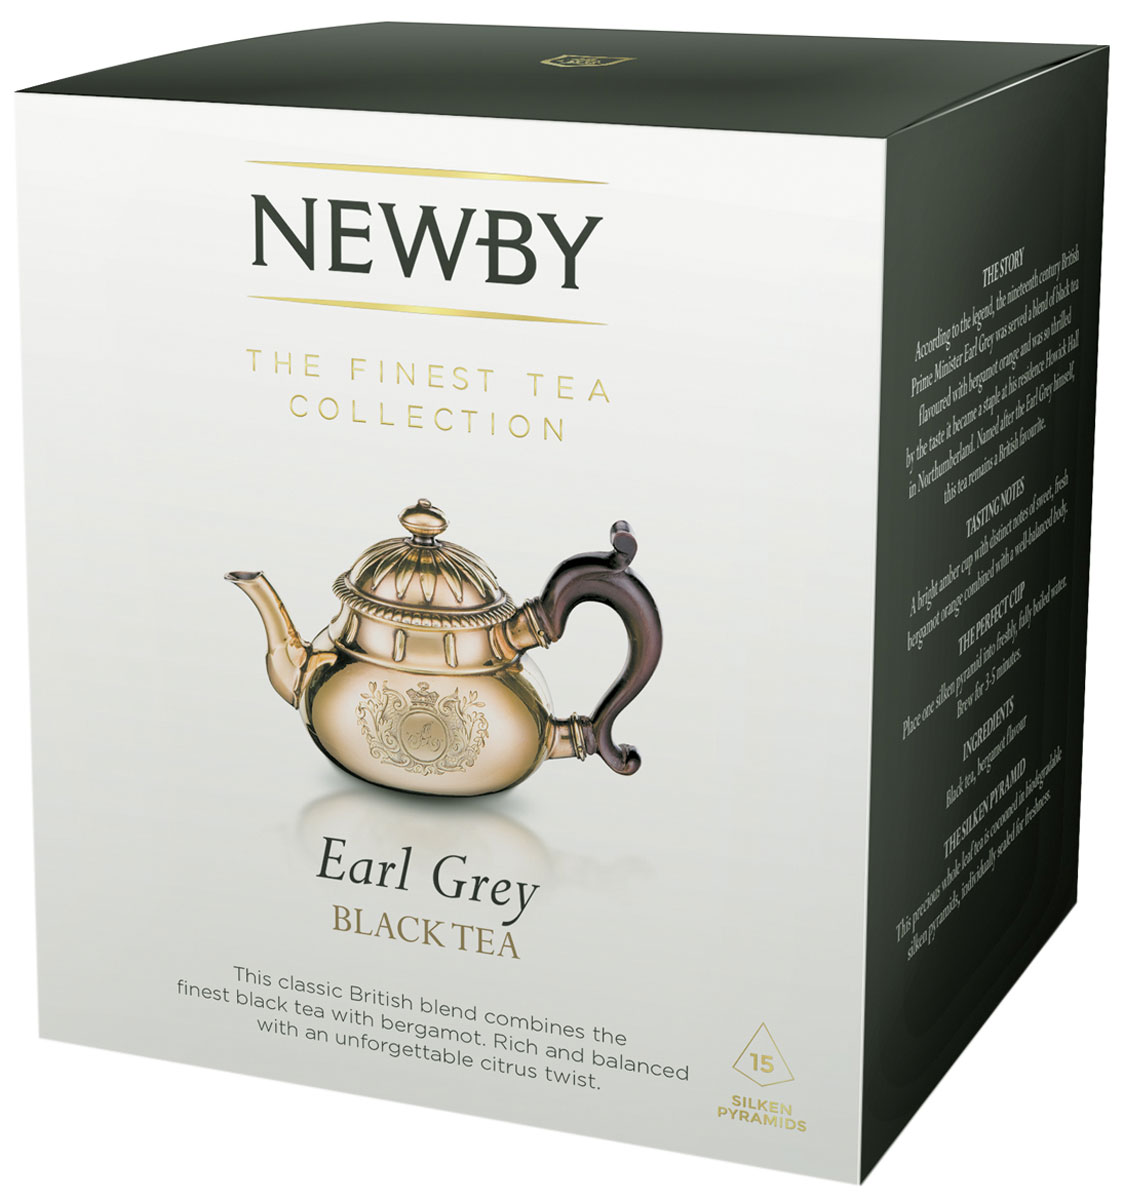 Newby Earl Grey черный с бергамотом чай в пирамидках, 15 шт0120710Насыщенный черный чай Newby Earl Grey с натуральным ароматом и цитрусовым привкусом бергамота. Каждая пирамидка упакована в индивидуальное саше из алюминиевой фольги для сохранения свежести чайного листа.